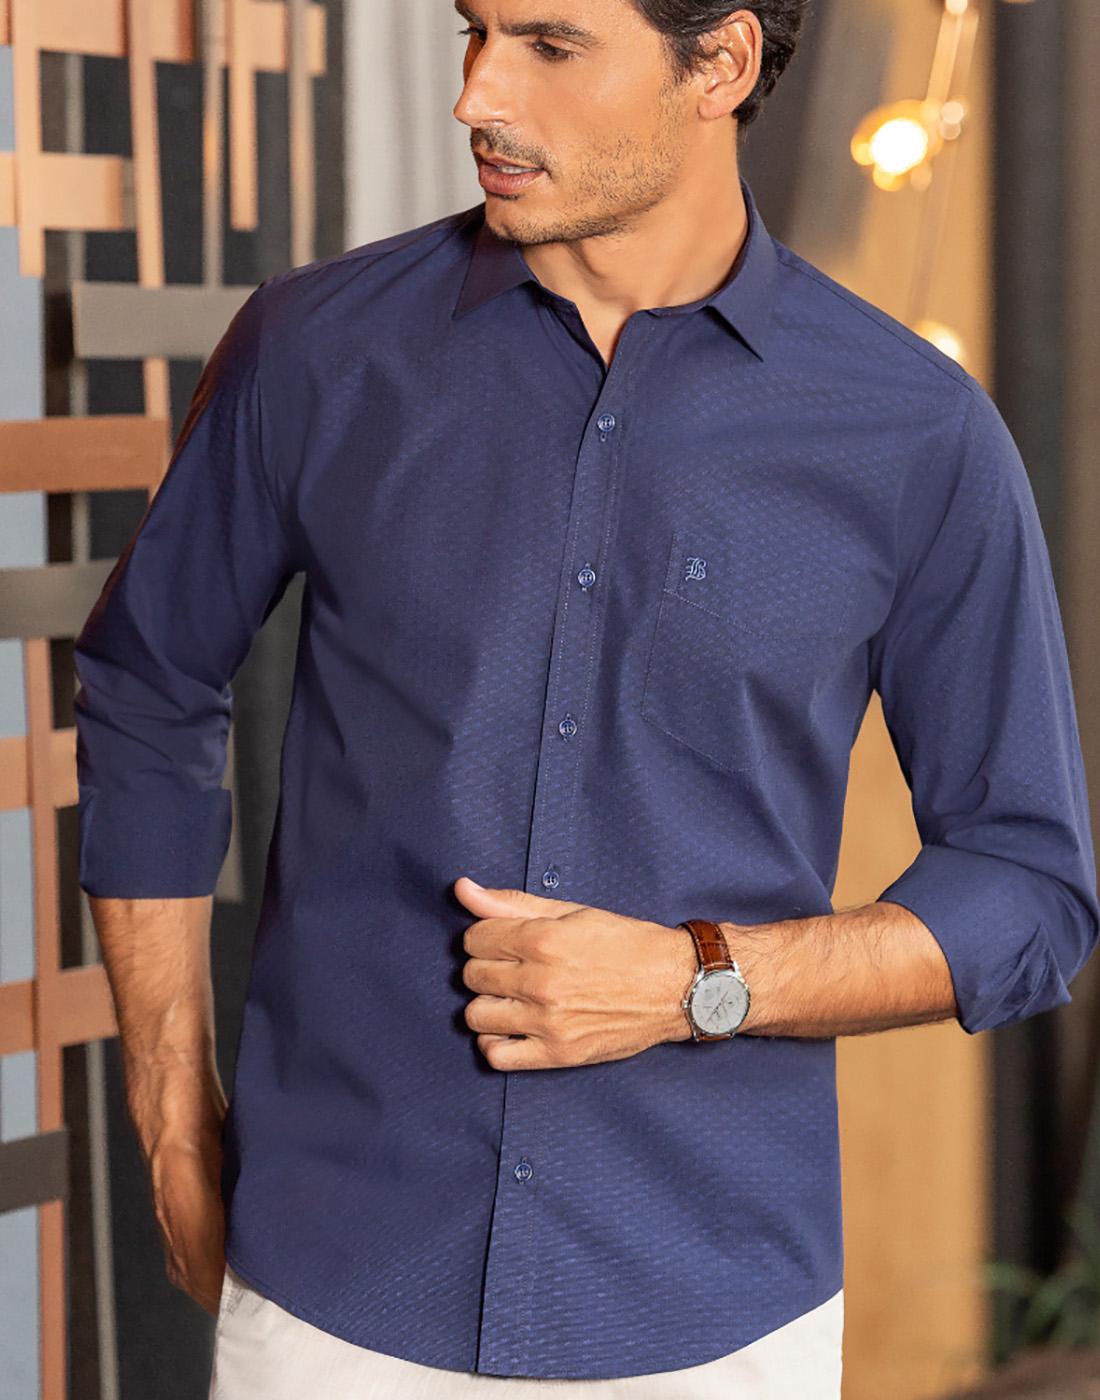 Camisa Manga Longa Estampada com Bolso Marinho - Baumgarten Premium